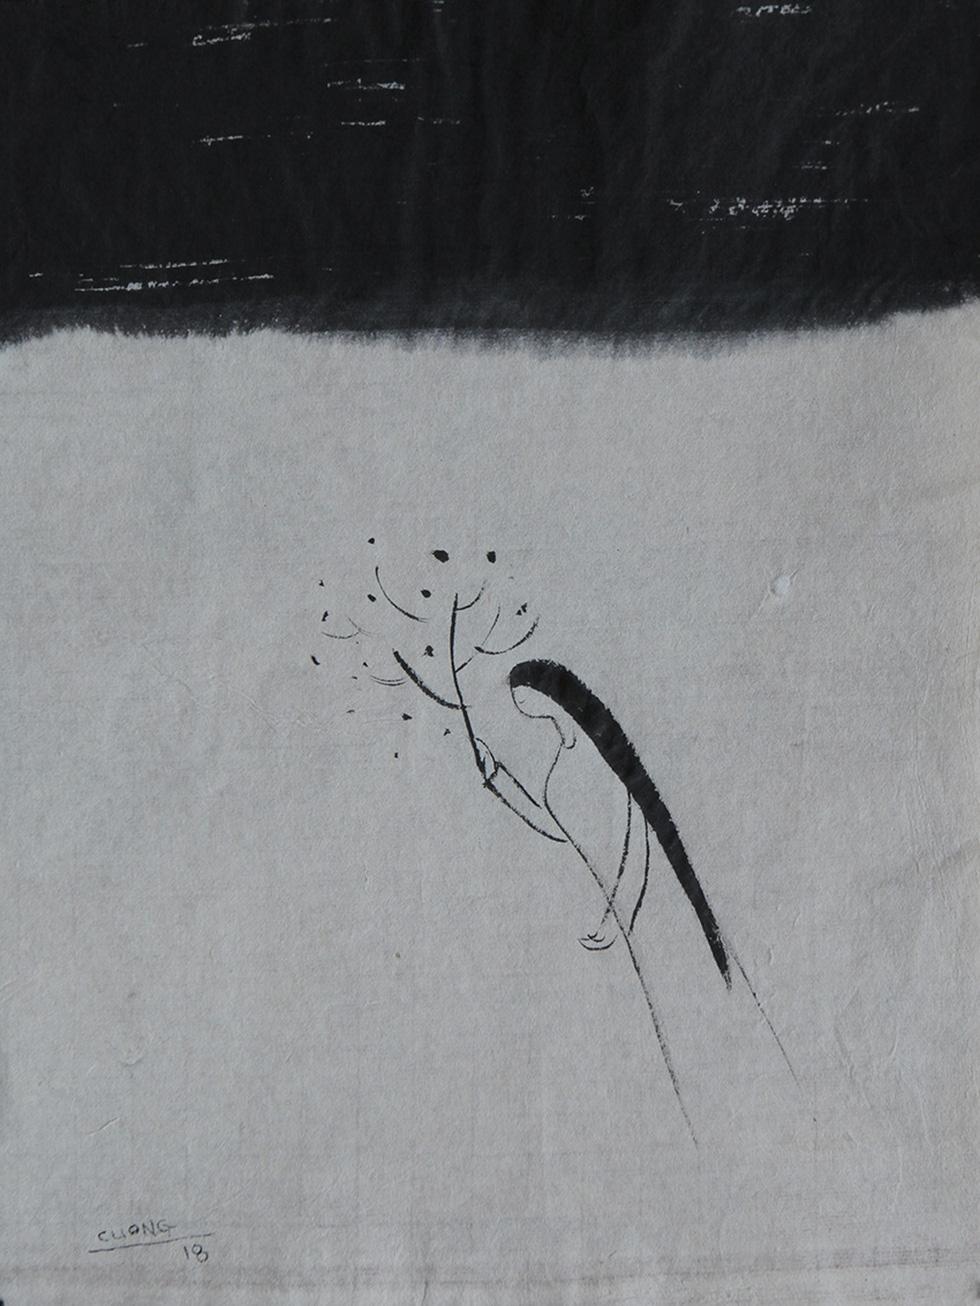 Xem tranh, ảnh đẹp như thơ trong triển lãm Chuyện áo dài - Ảnh 8.